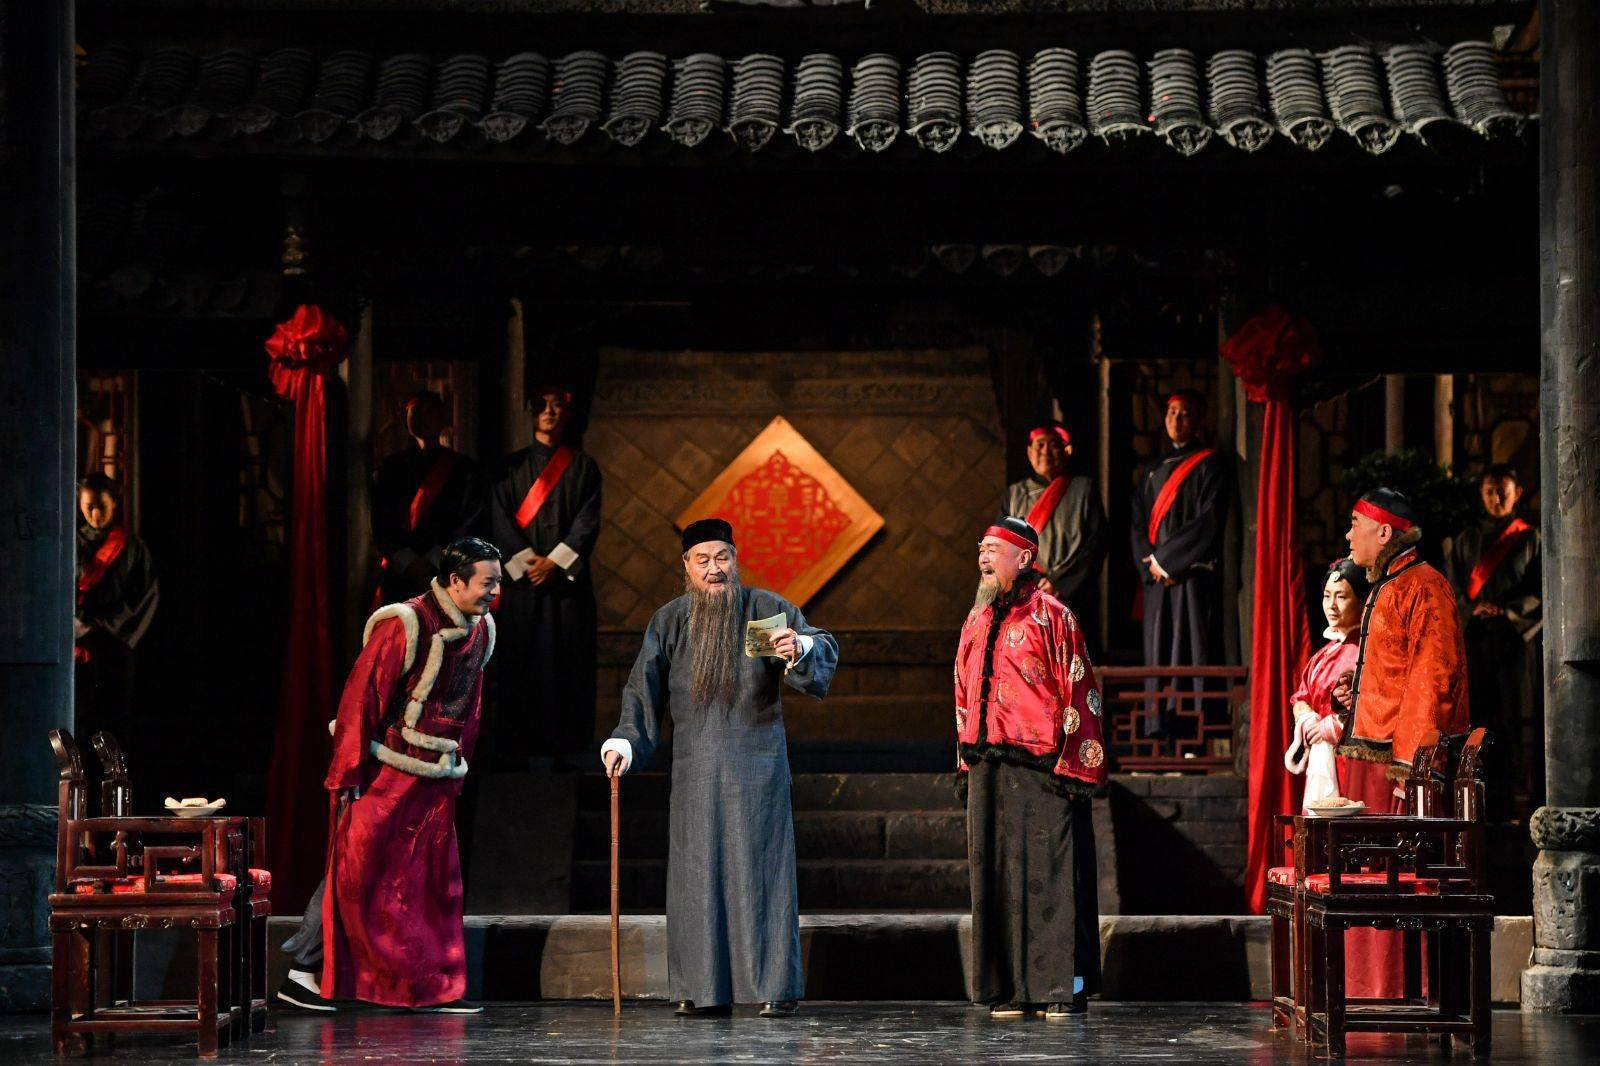 李六乙版《家》九年后重回北京人艺舞台,四代演员登台